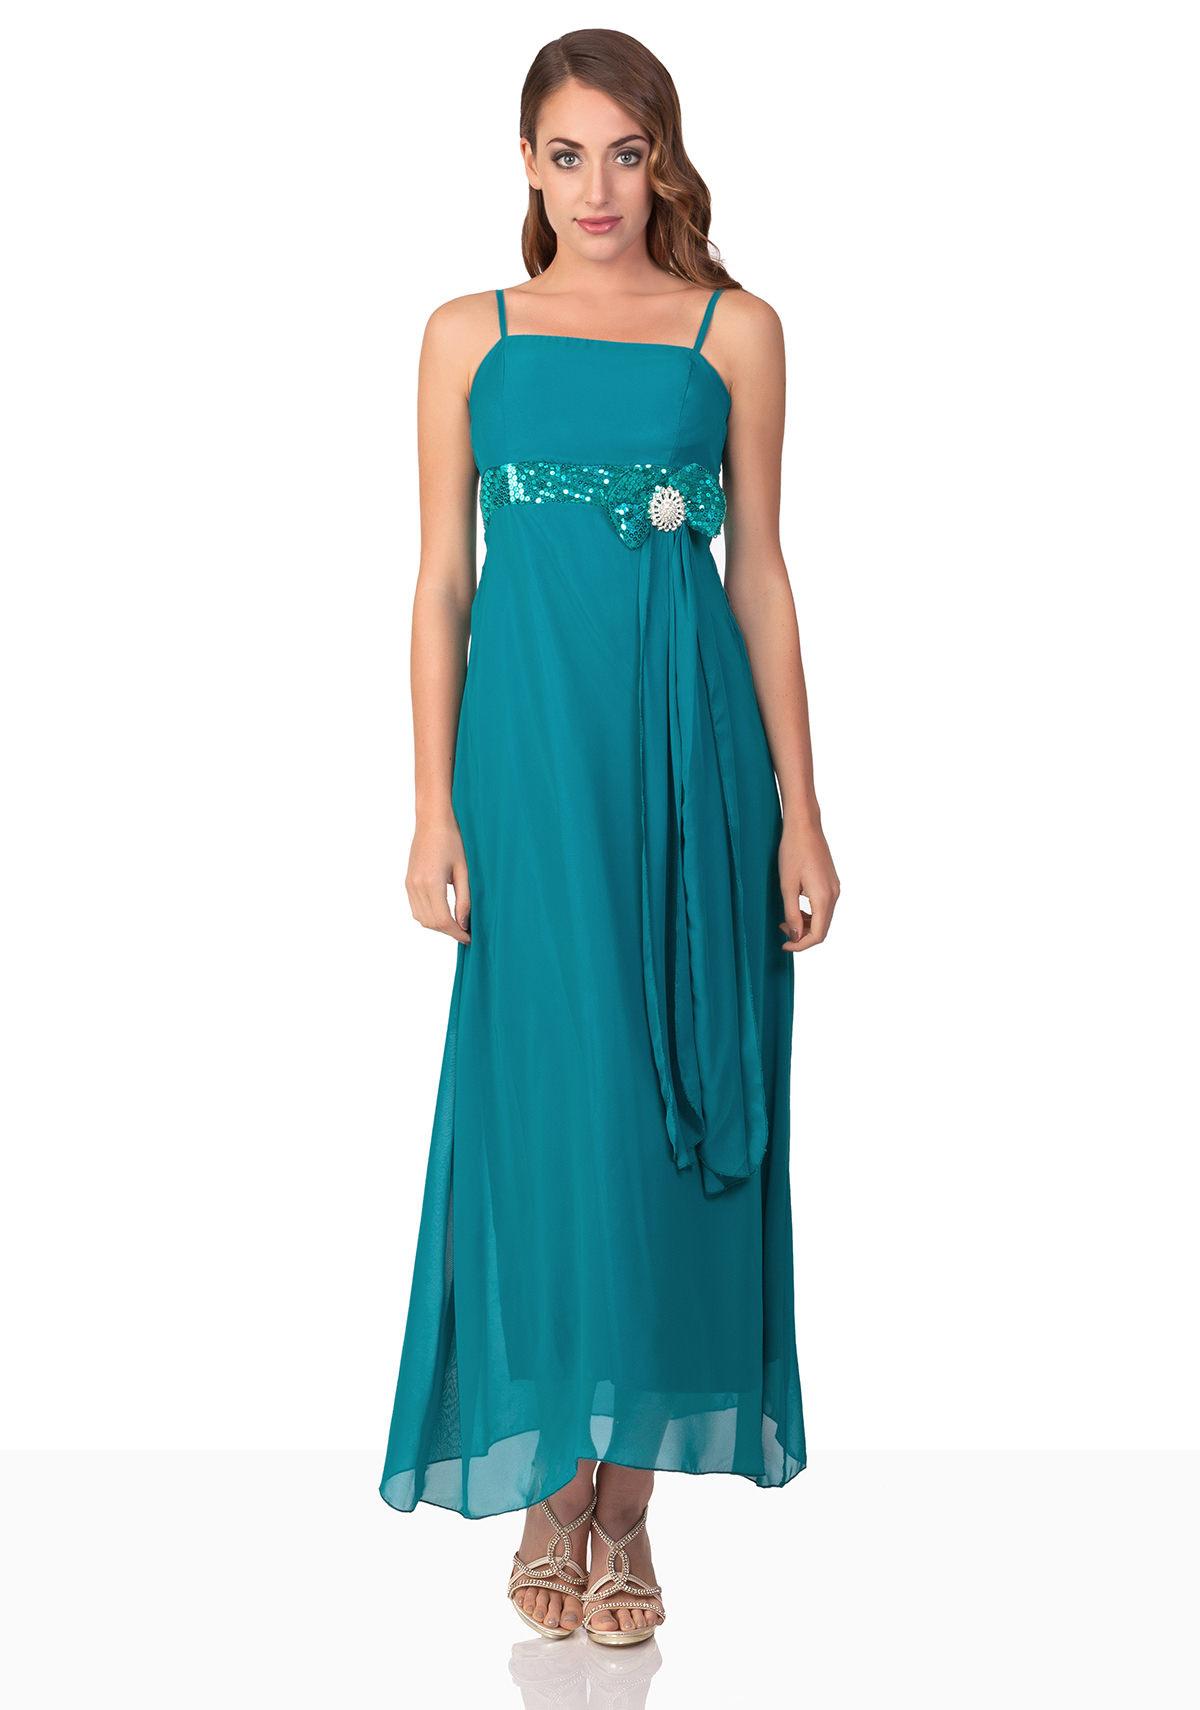 15 Erstaunlich Türkises Abendkleid Stylish Einfach Türkises Abendkleid Ärmel